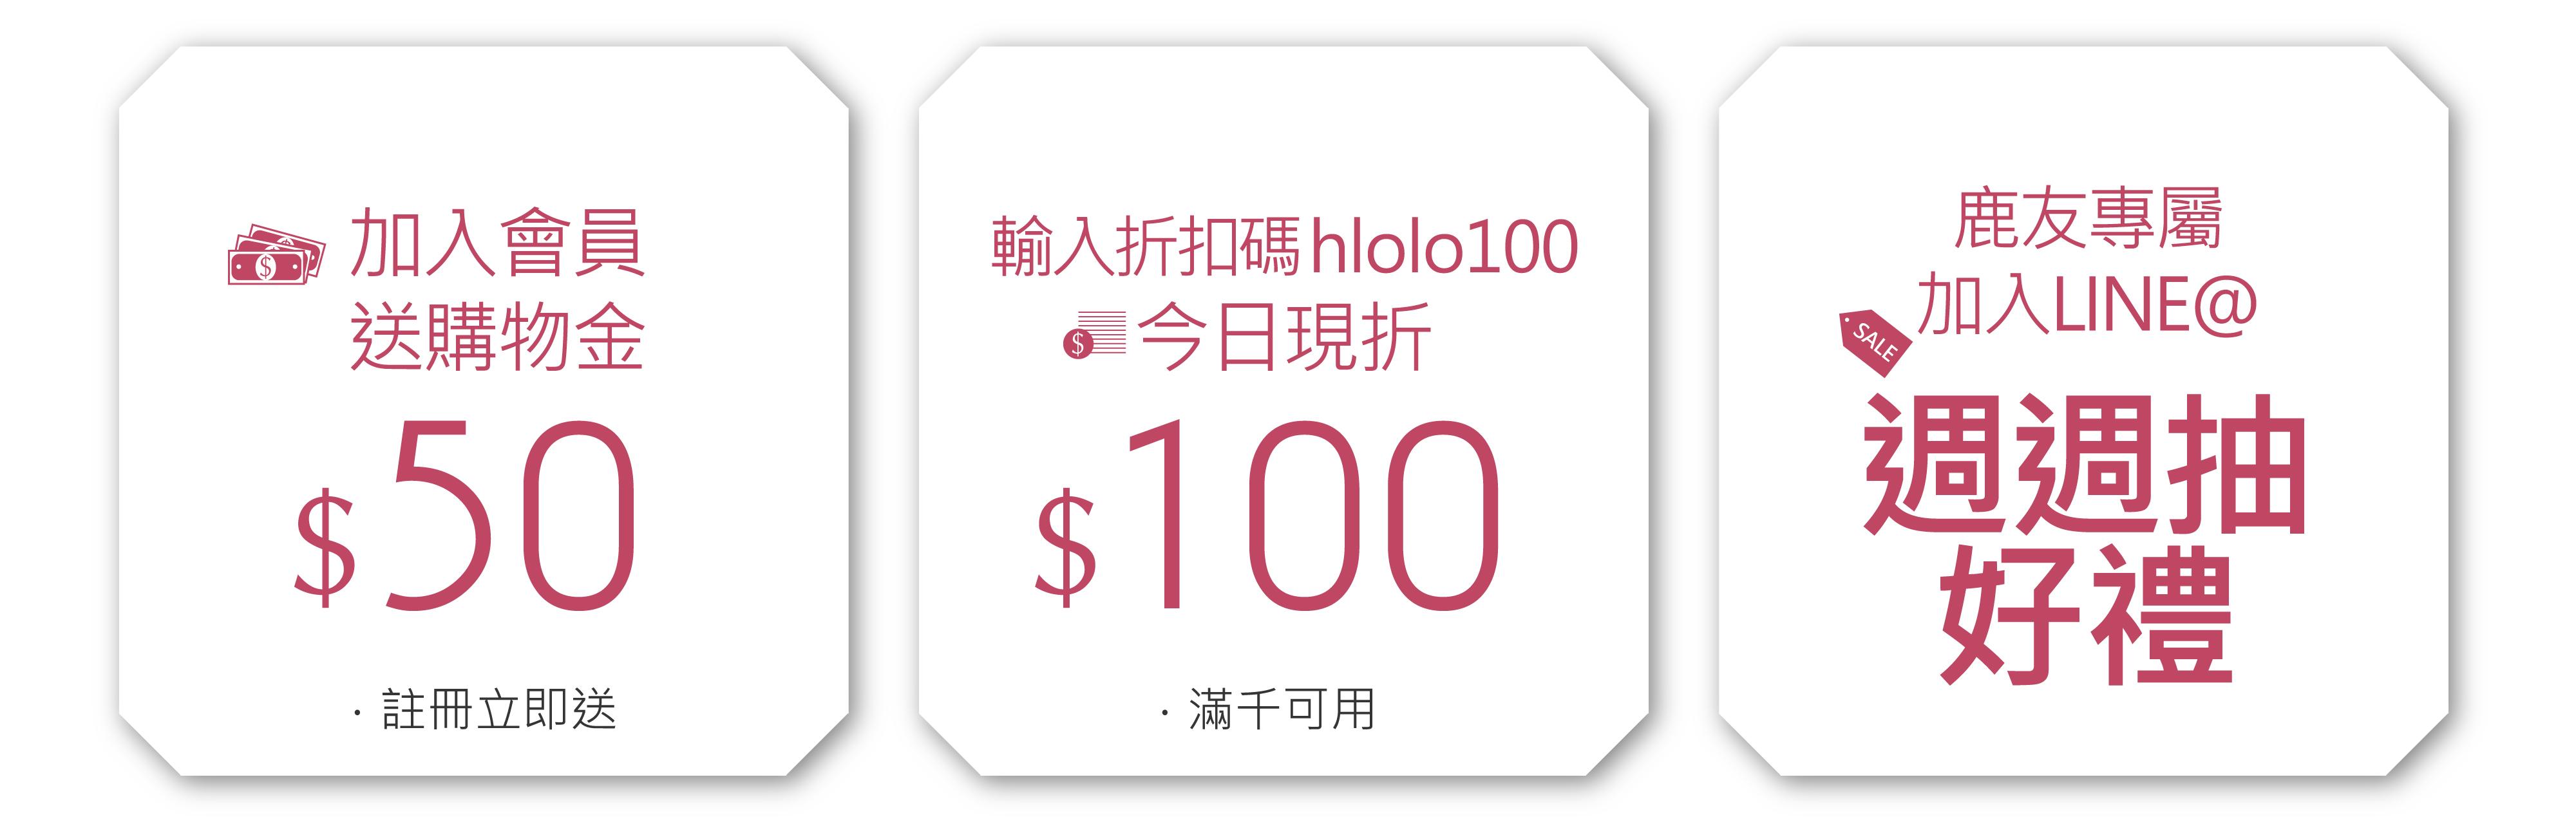 新註冊,現折$100,購物金,LINE,週週抽好禮,滿千可用